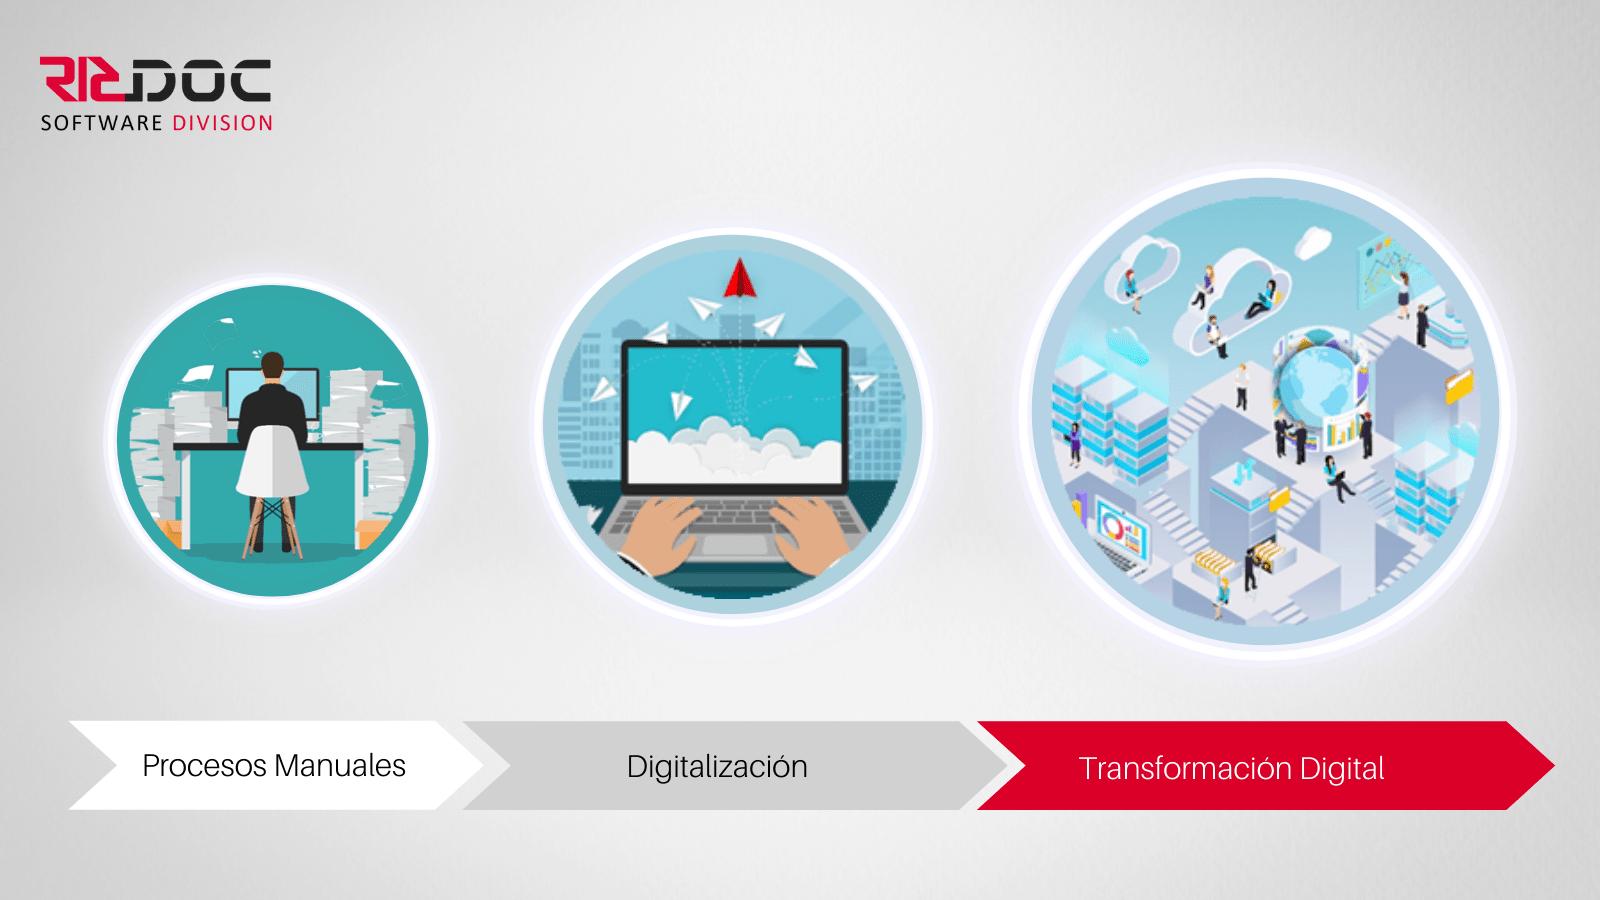 Diferencias entre Transformación Digital y Digitalización